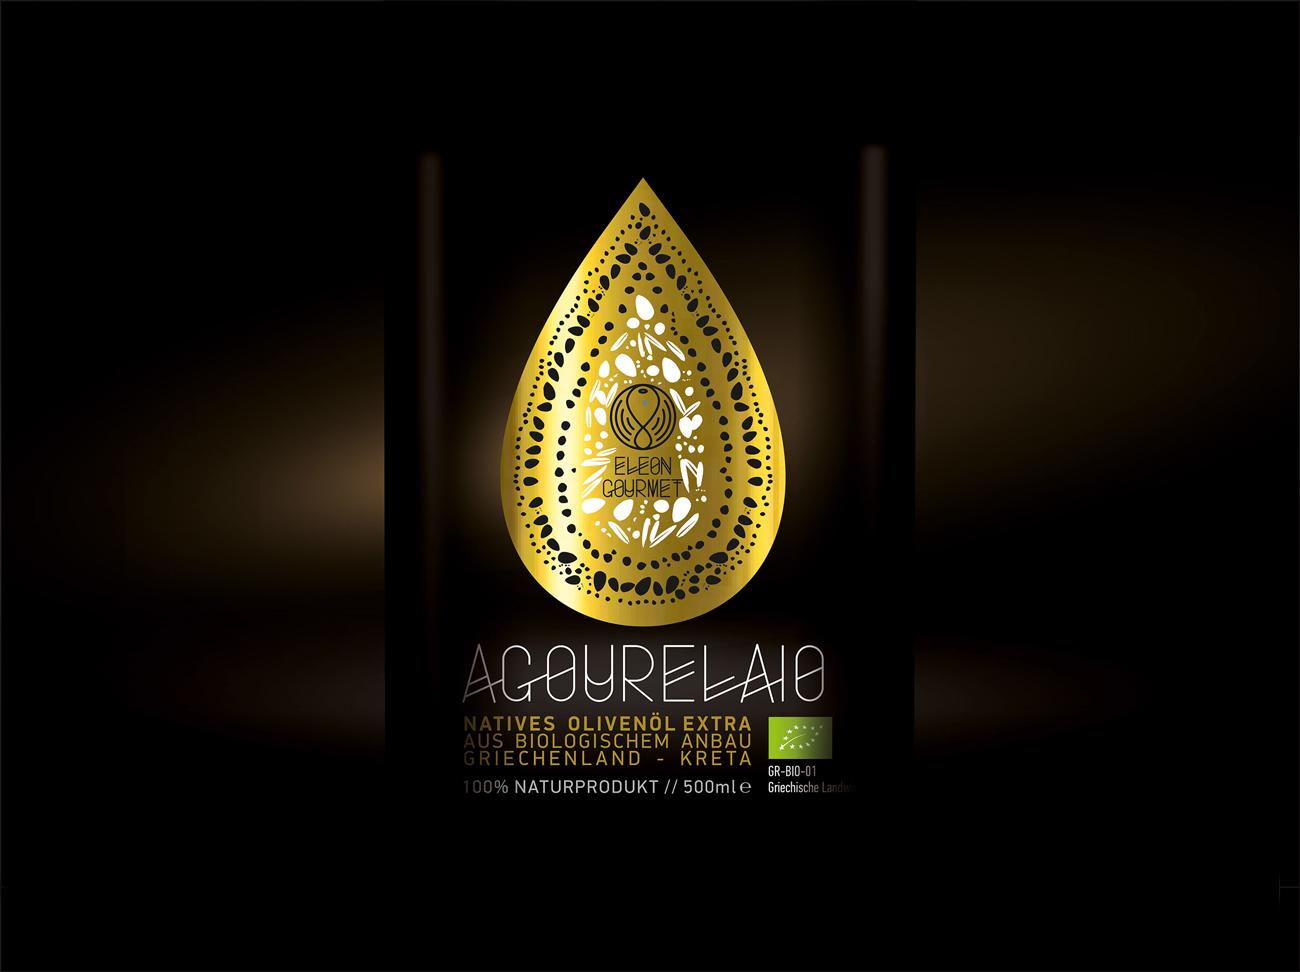 Agourelaio – Eleon gourmet